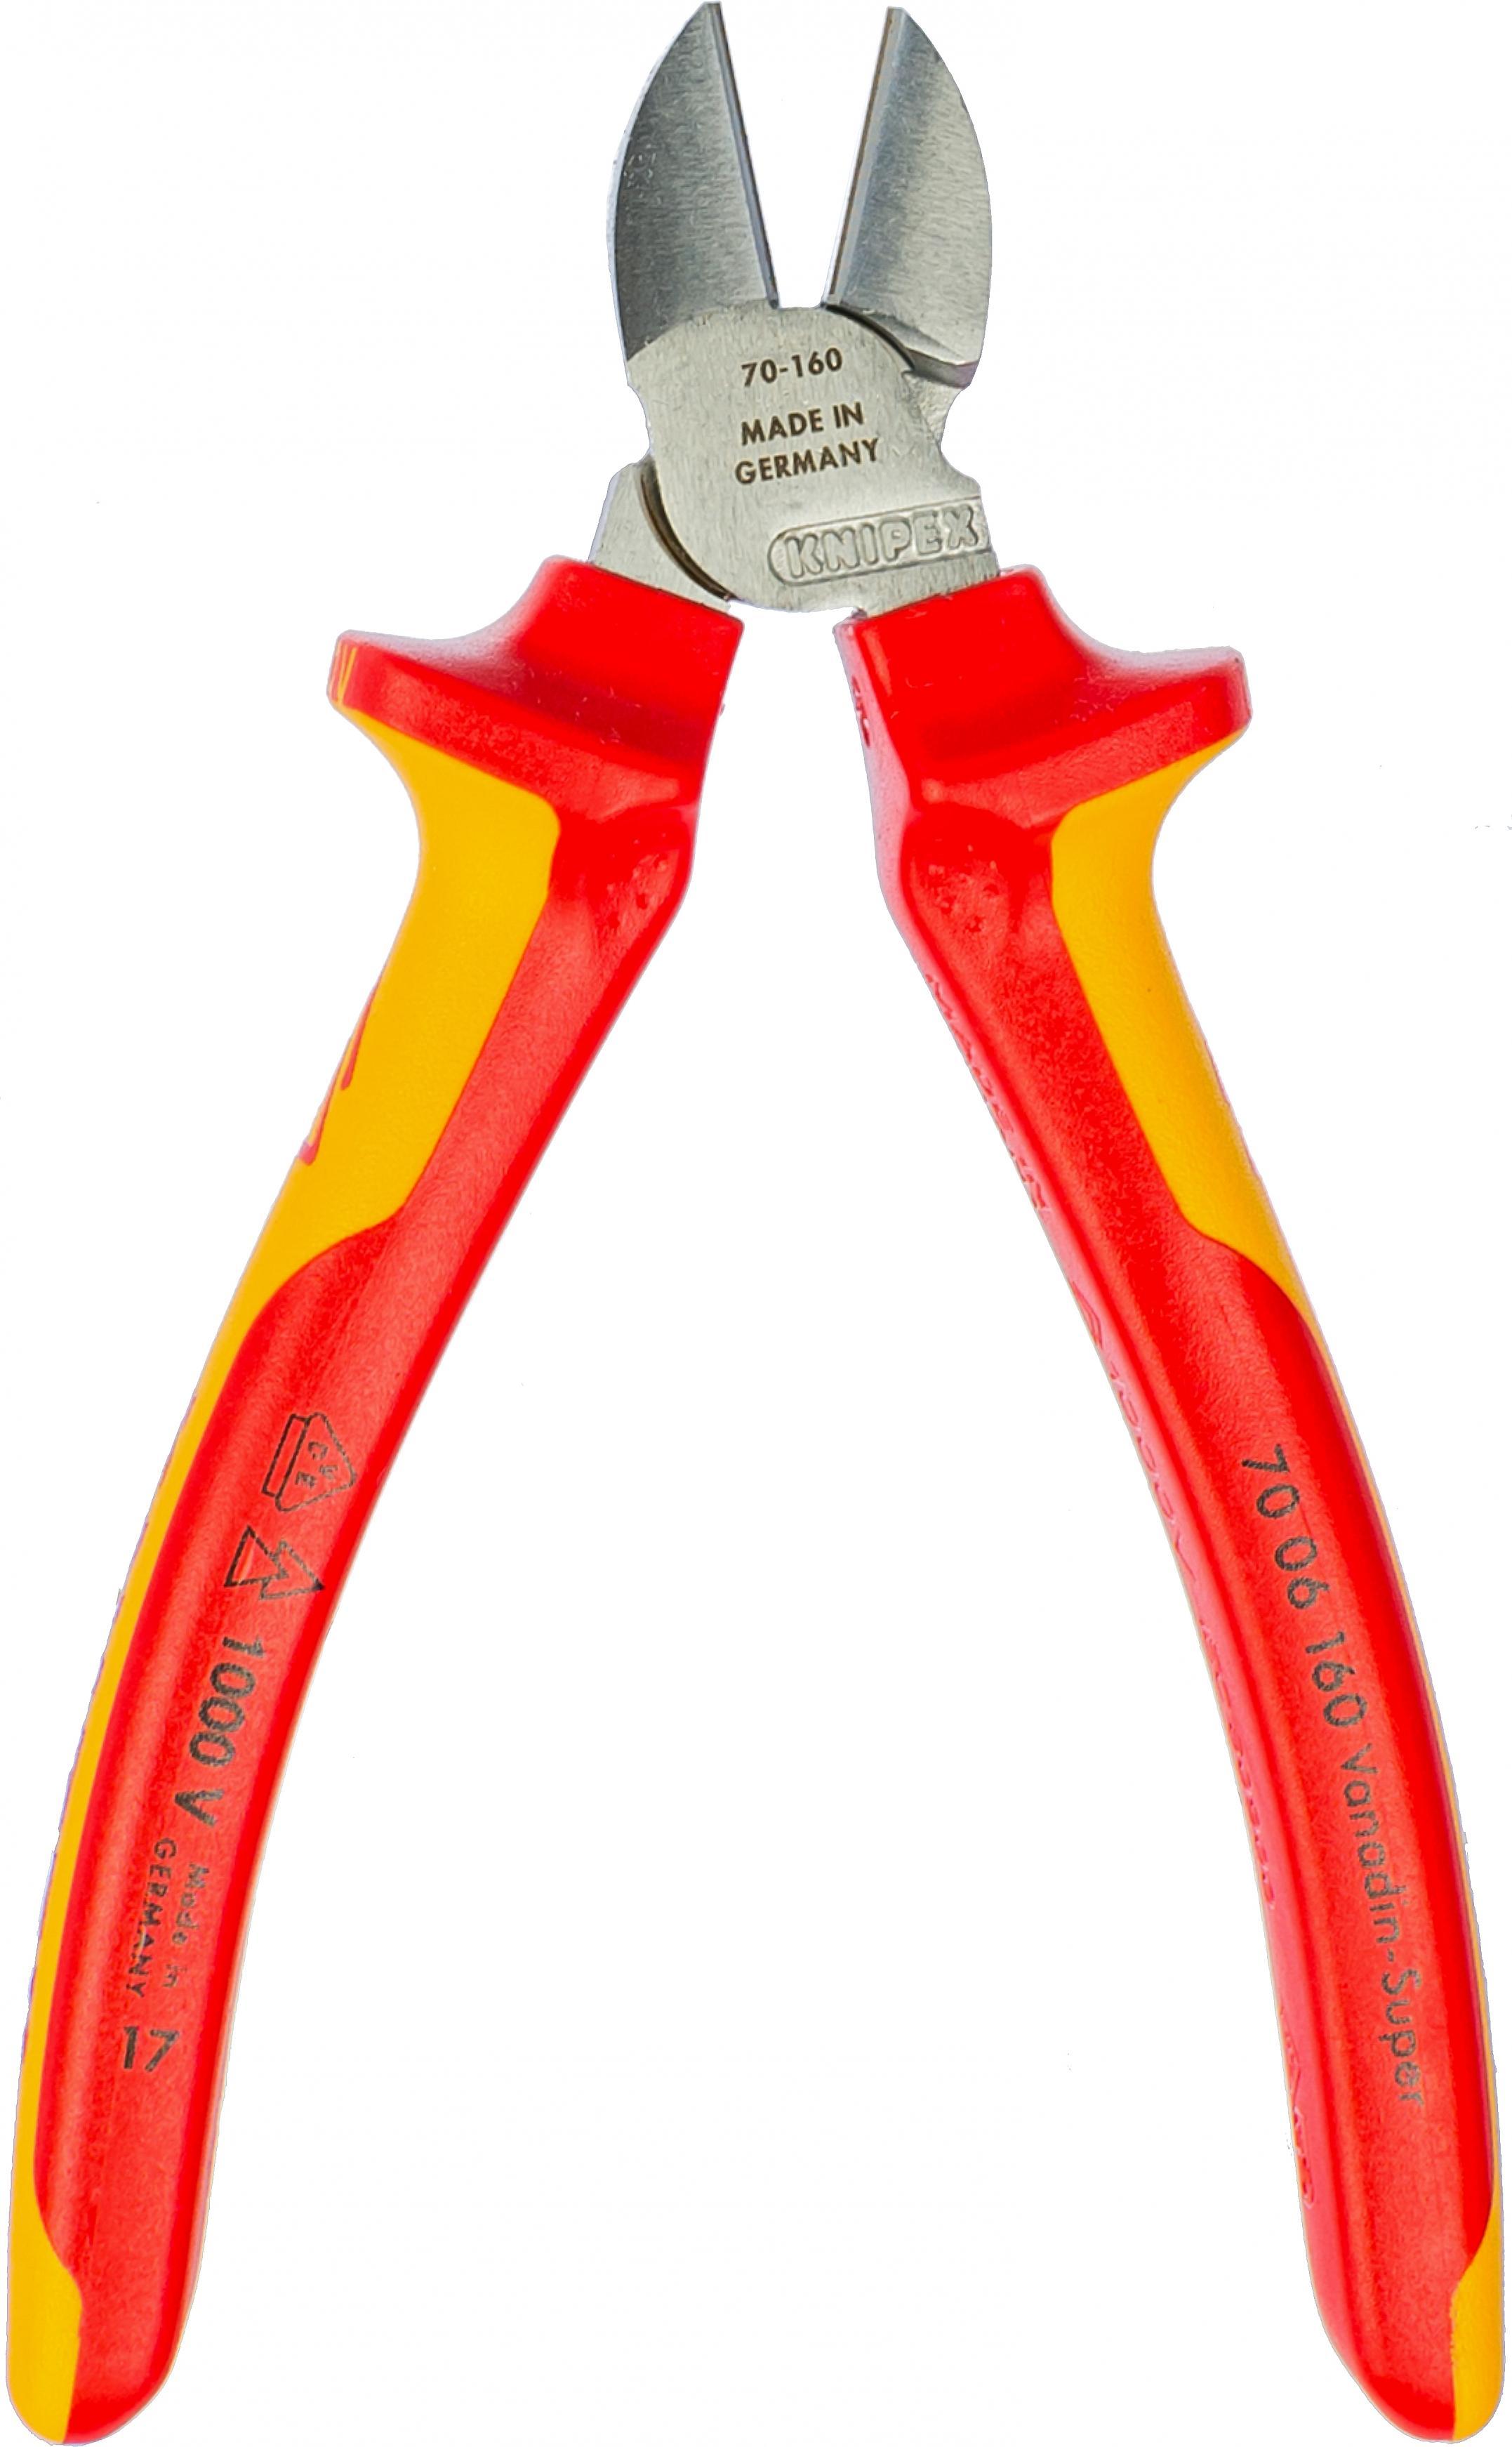 Бокорезы Knipex Kn-7006160tbk бокорезы knipex kn 7006160